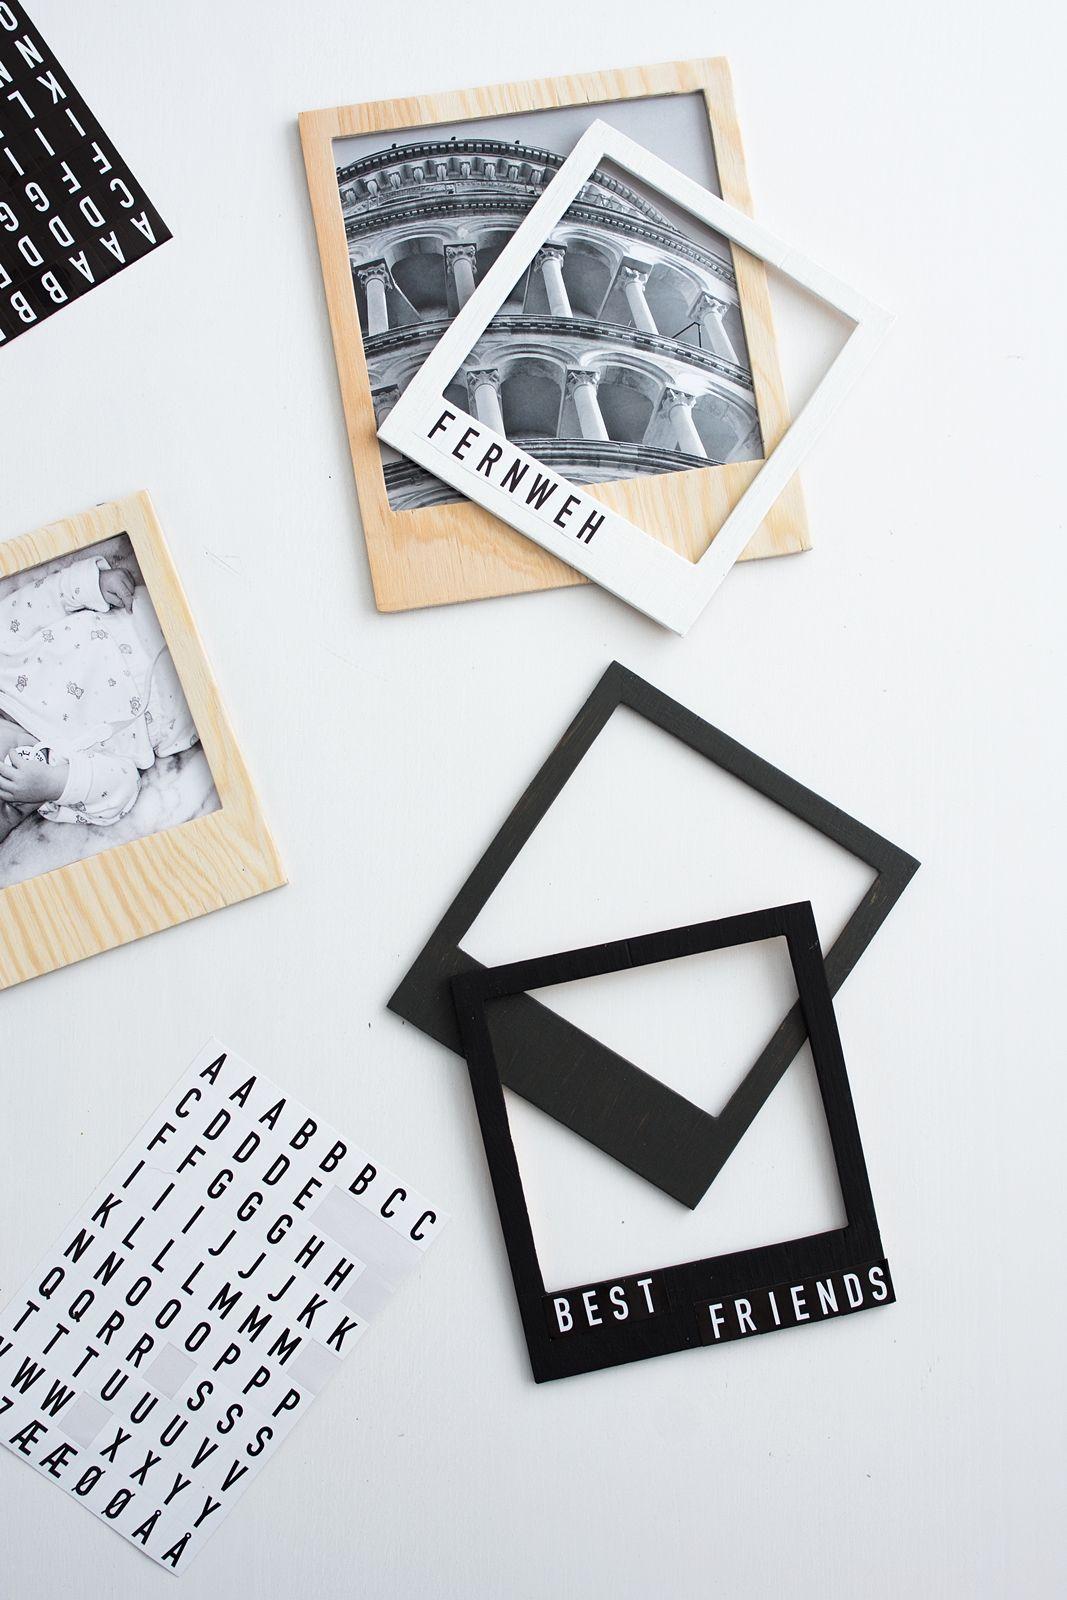 eine buchvorstellung lieblingsbilder diy projekte mit fotos von ina mielkau diy. Black Bedroom Furniture Sets. Home Design Ideas